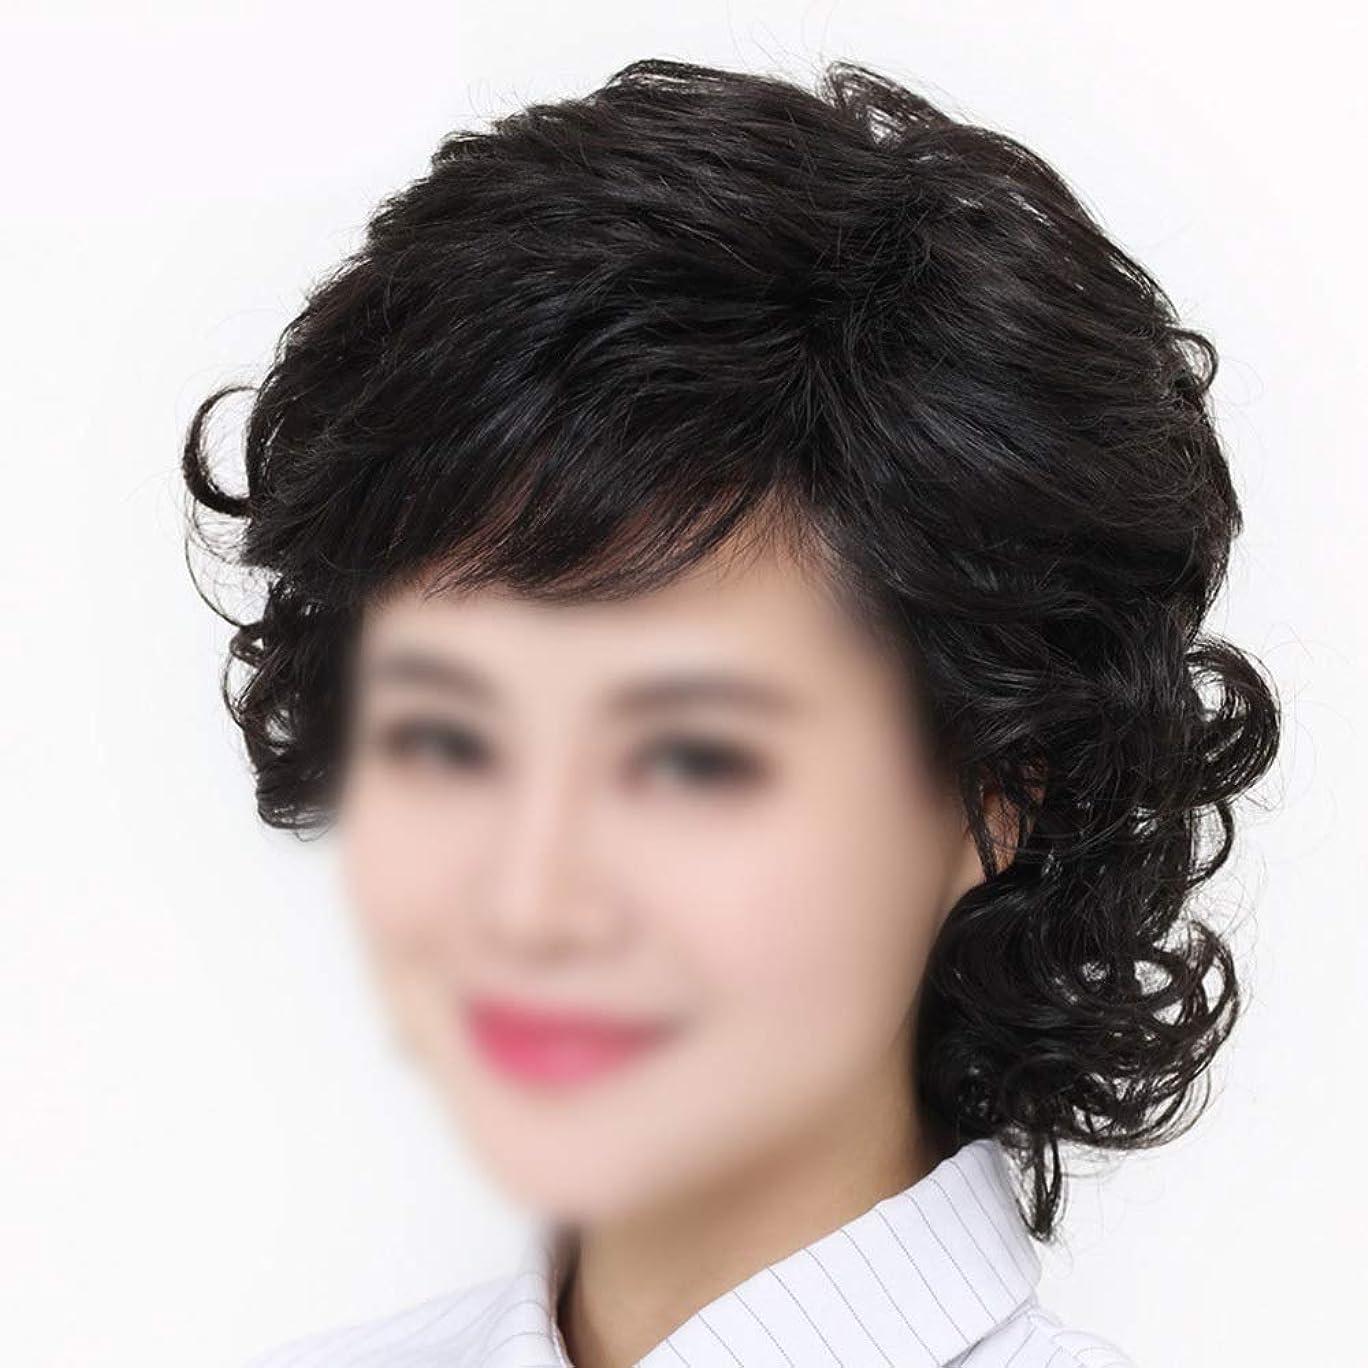 全国賄賂ショルダーMayalina 女性のための手織りの短い髪のリアルヘアダークブラウンのかつら母の髪のかつら (色 : Natural black, サイズ : Hand-woven)